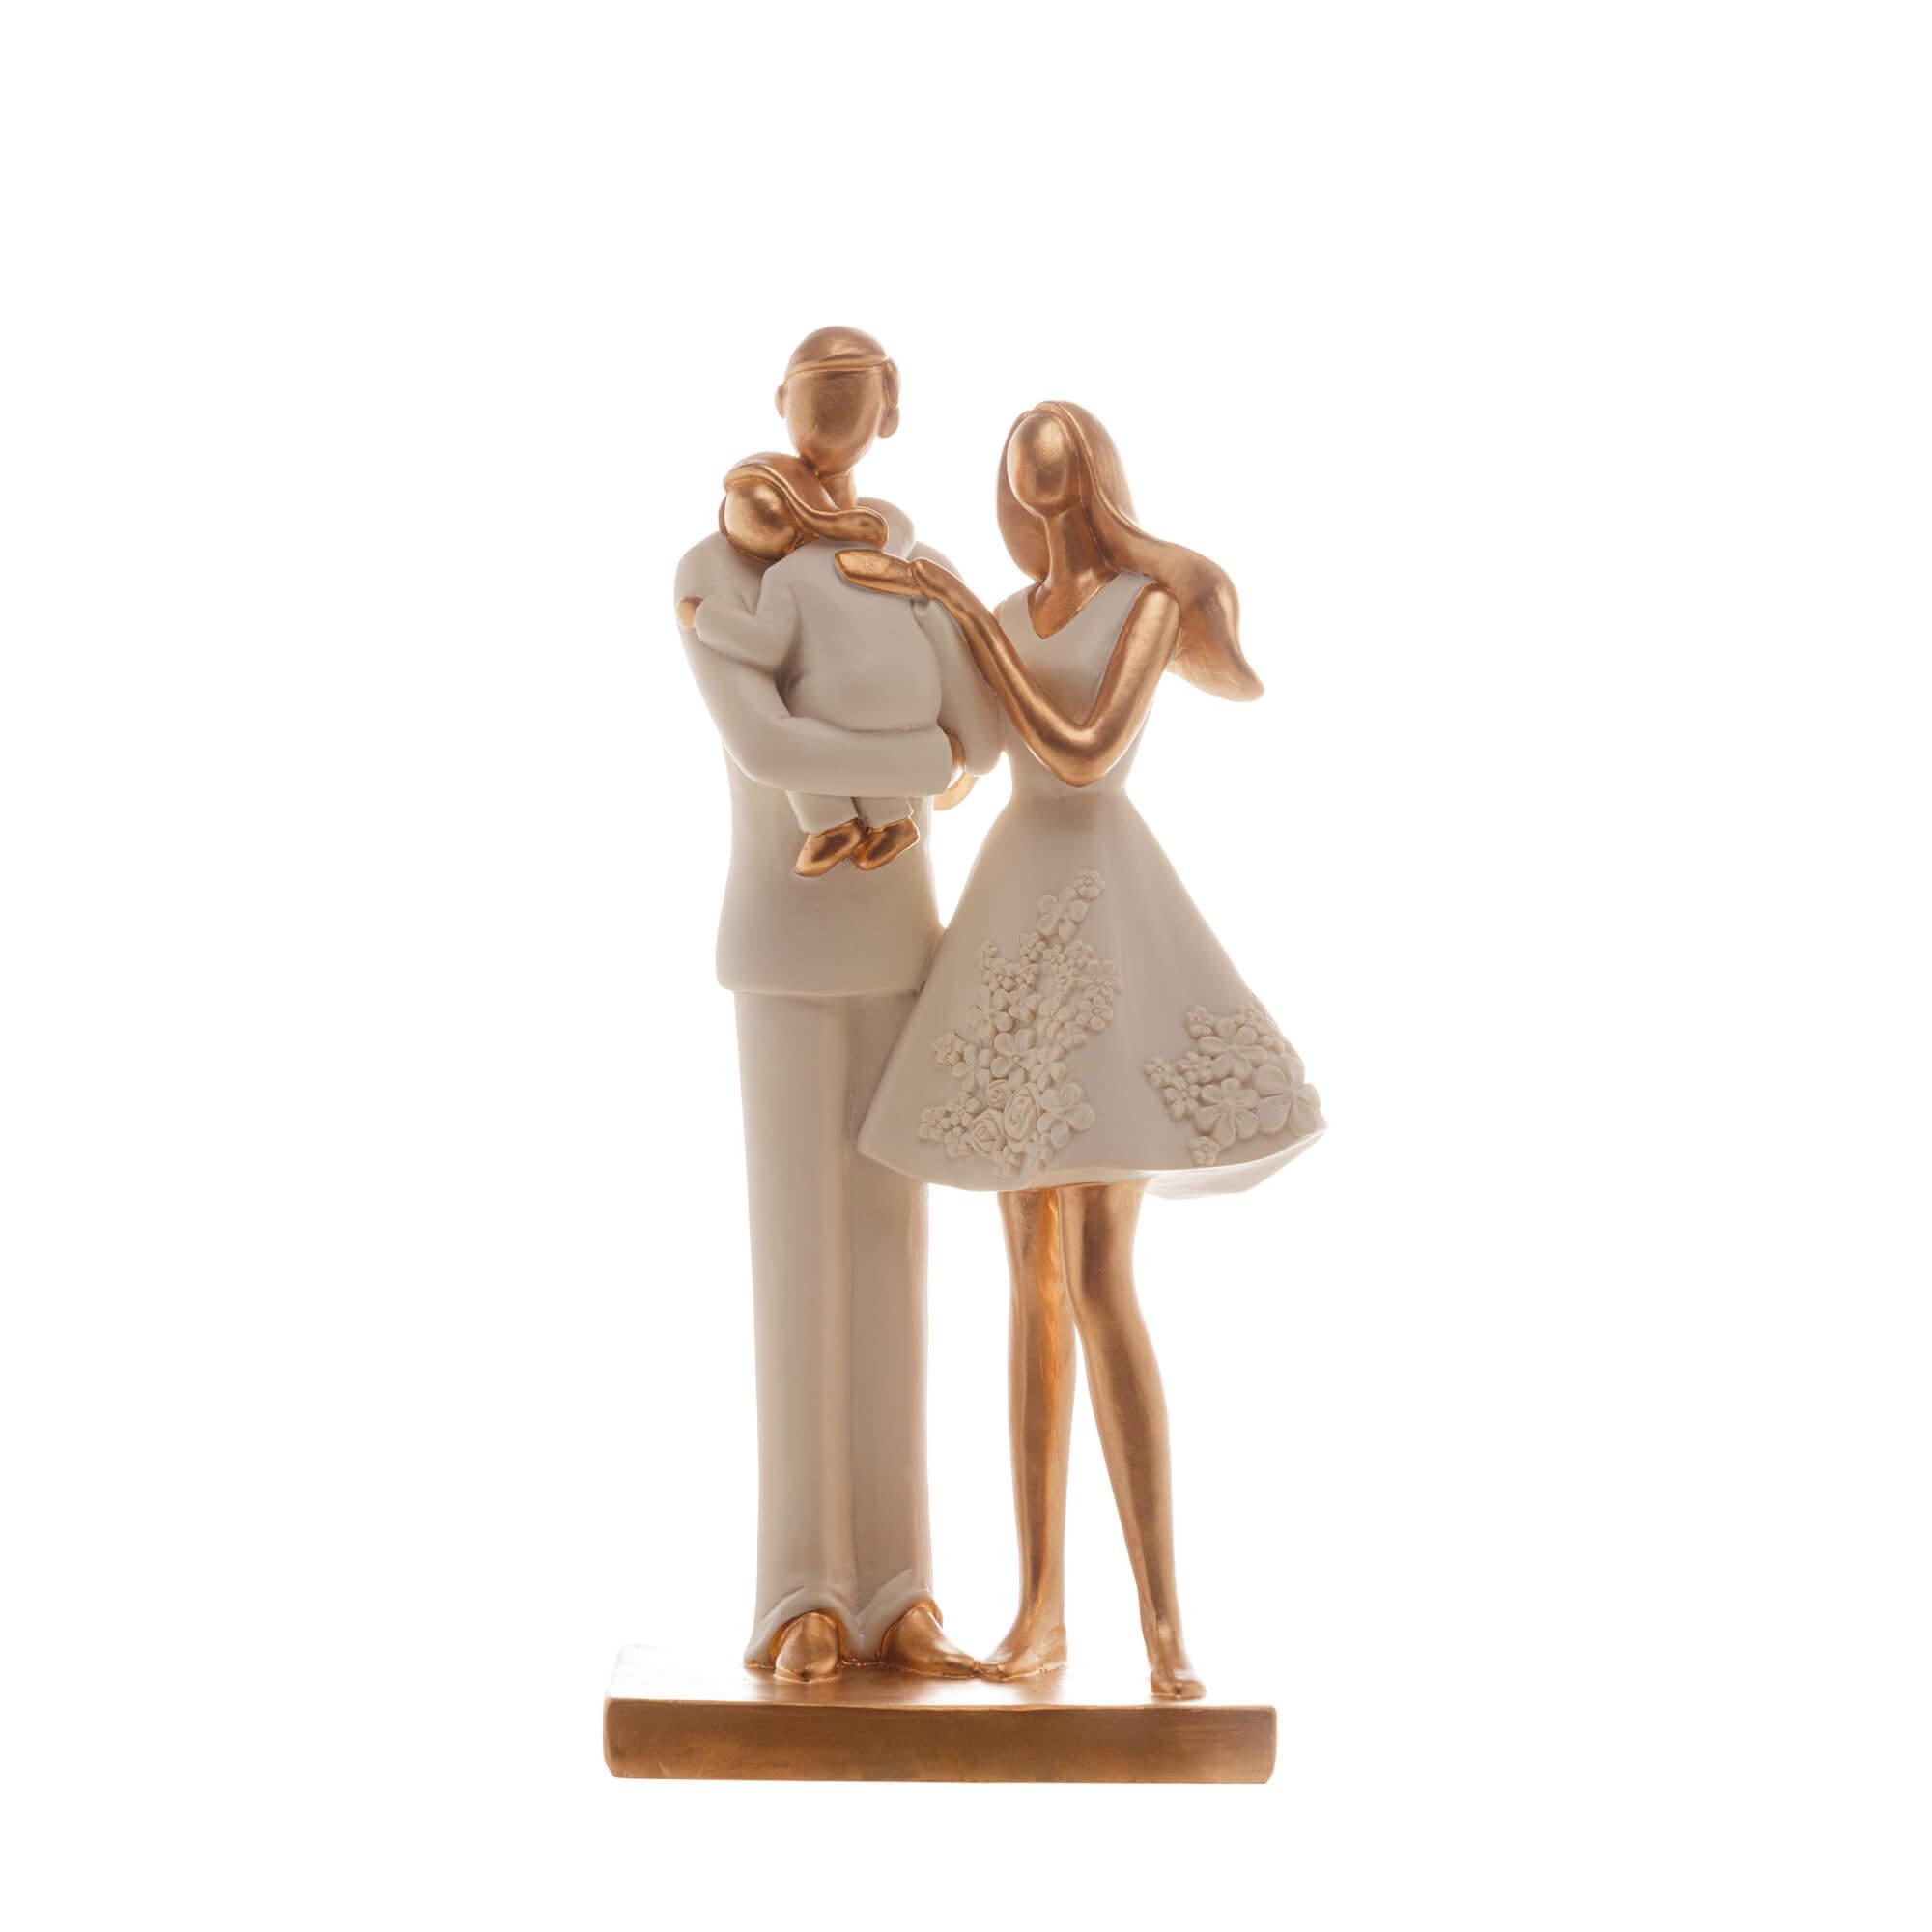 Escultura Família Decorativa em Resina Ouro Mãe, Pai e Filha no Colo